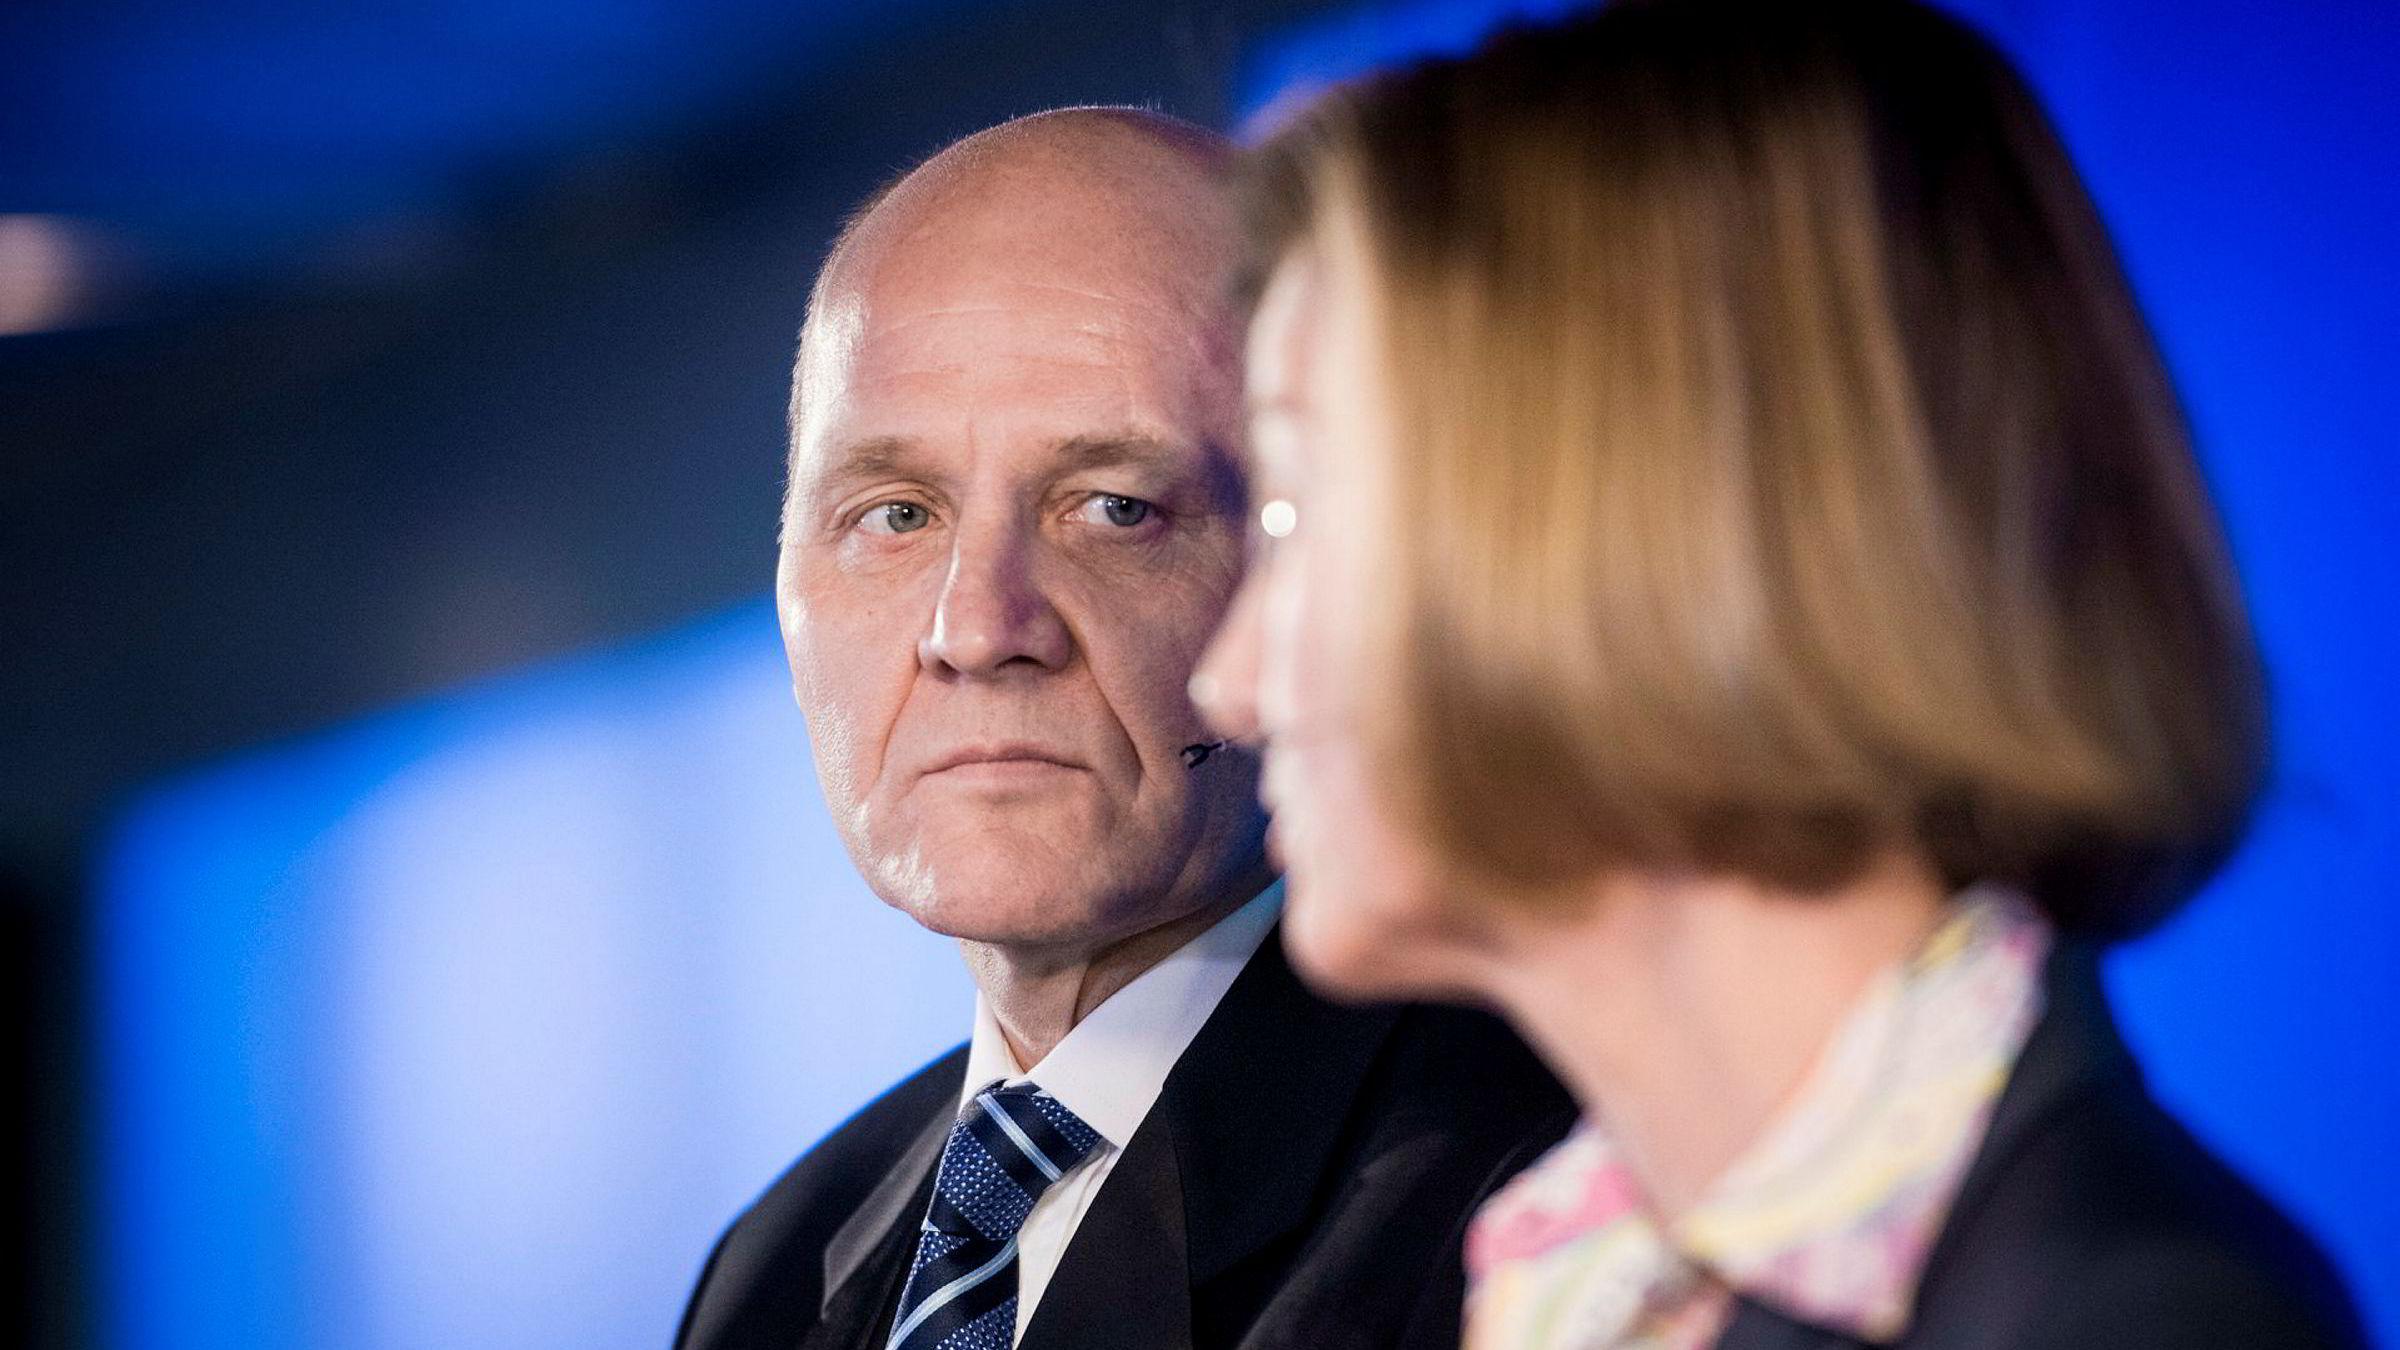 Telenor-sjef Sigve Brekke og styreleder Gunn Wærsted ble i desember enige om strategien for Telenor. Torsdag legges strategien frem for investorer og analytikere.